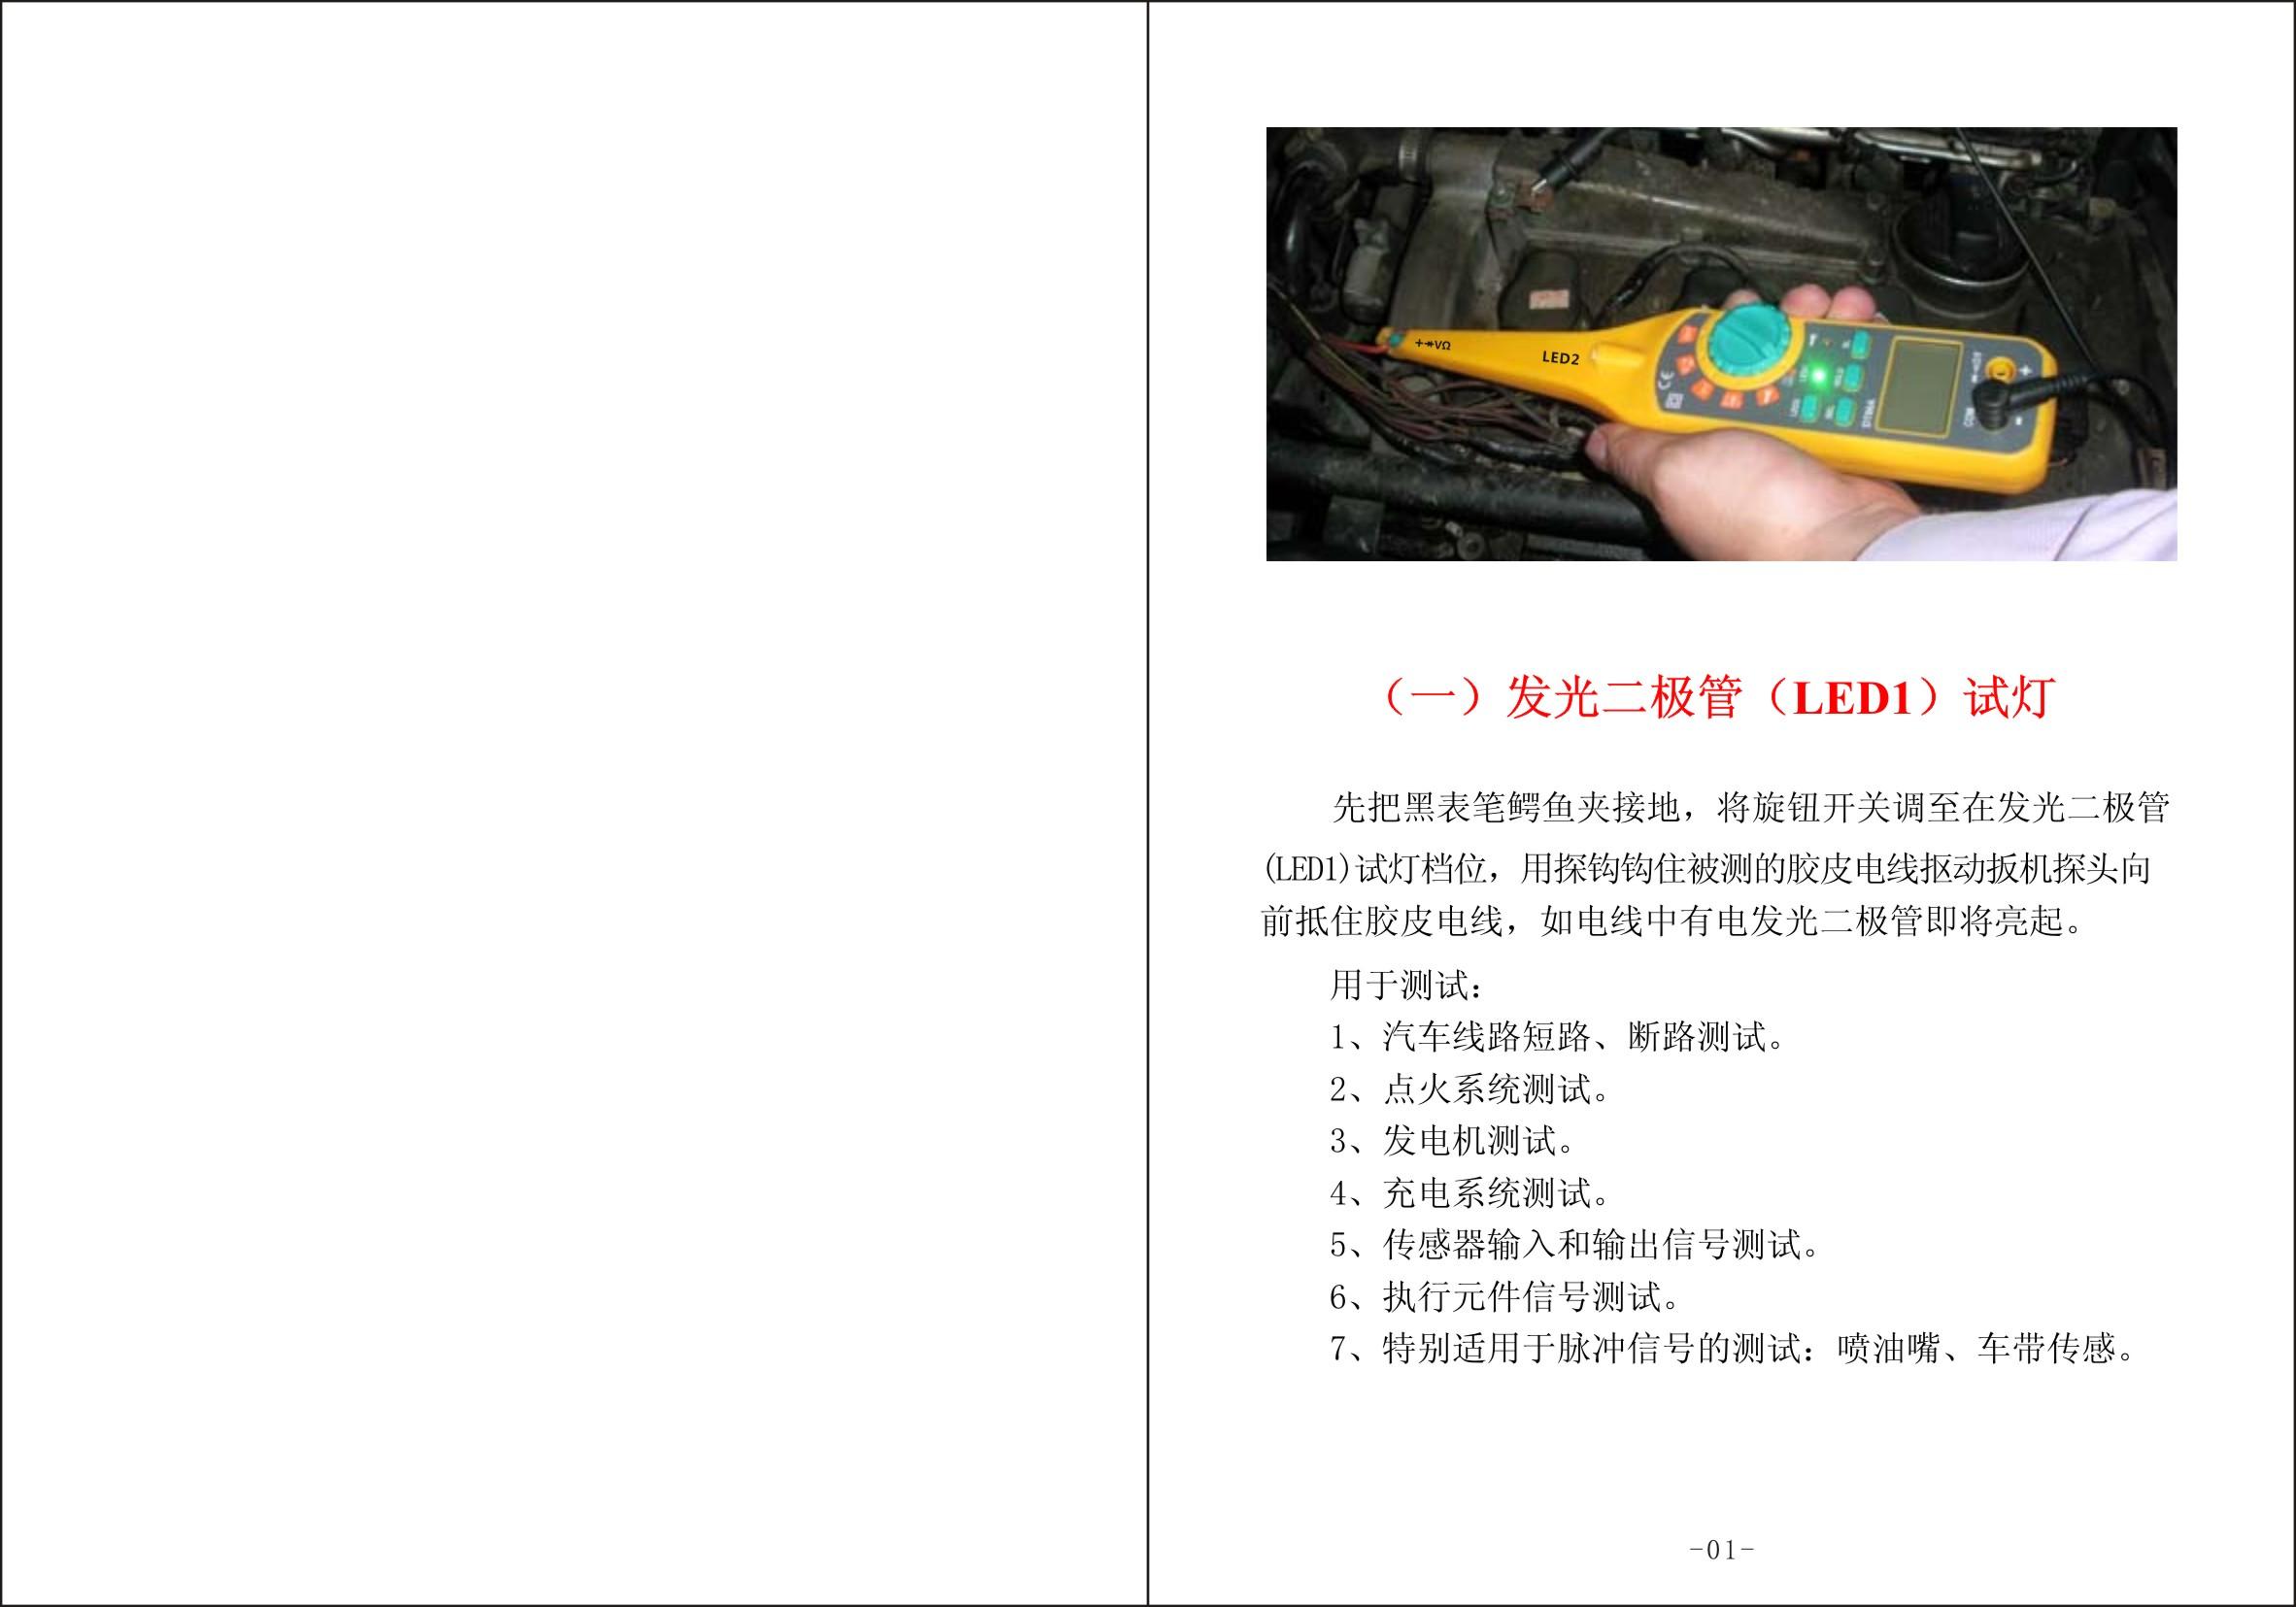 """北京金泰科仪检测仪器有限公司是专业生产与代理国内/国外仪器仪表的公司,服务于电子、电力、通讯、环保、农业,建筑,节能、航空航天等行业;多年来,公司以""""真挚的服务、低廉的价格""""为宗旨,为国内外广大用户提供了周到的售前、售中、售后服务。赢得了国内外客户的一致好评,更为我们业务的快速发展奠定了一定的基础。我们的服务也更精益求精,更完善!能够完成仪器仪表工程产品配套和维修服务!    主要业务项目有:红外线测温仪器,无损检测仪器,通用电子仪器,电工电子仪器,气体检测仪器,综合管线探测仪"""